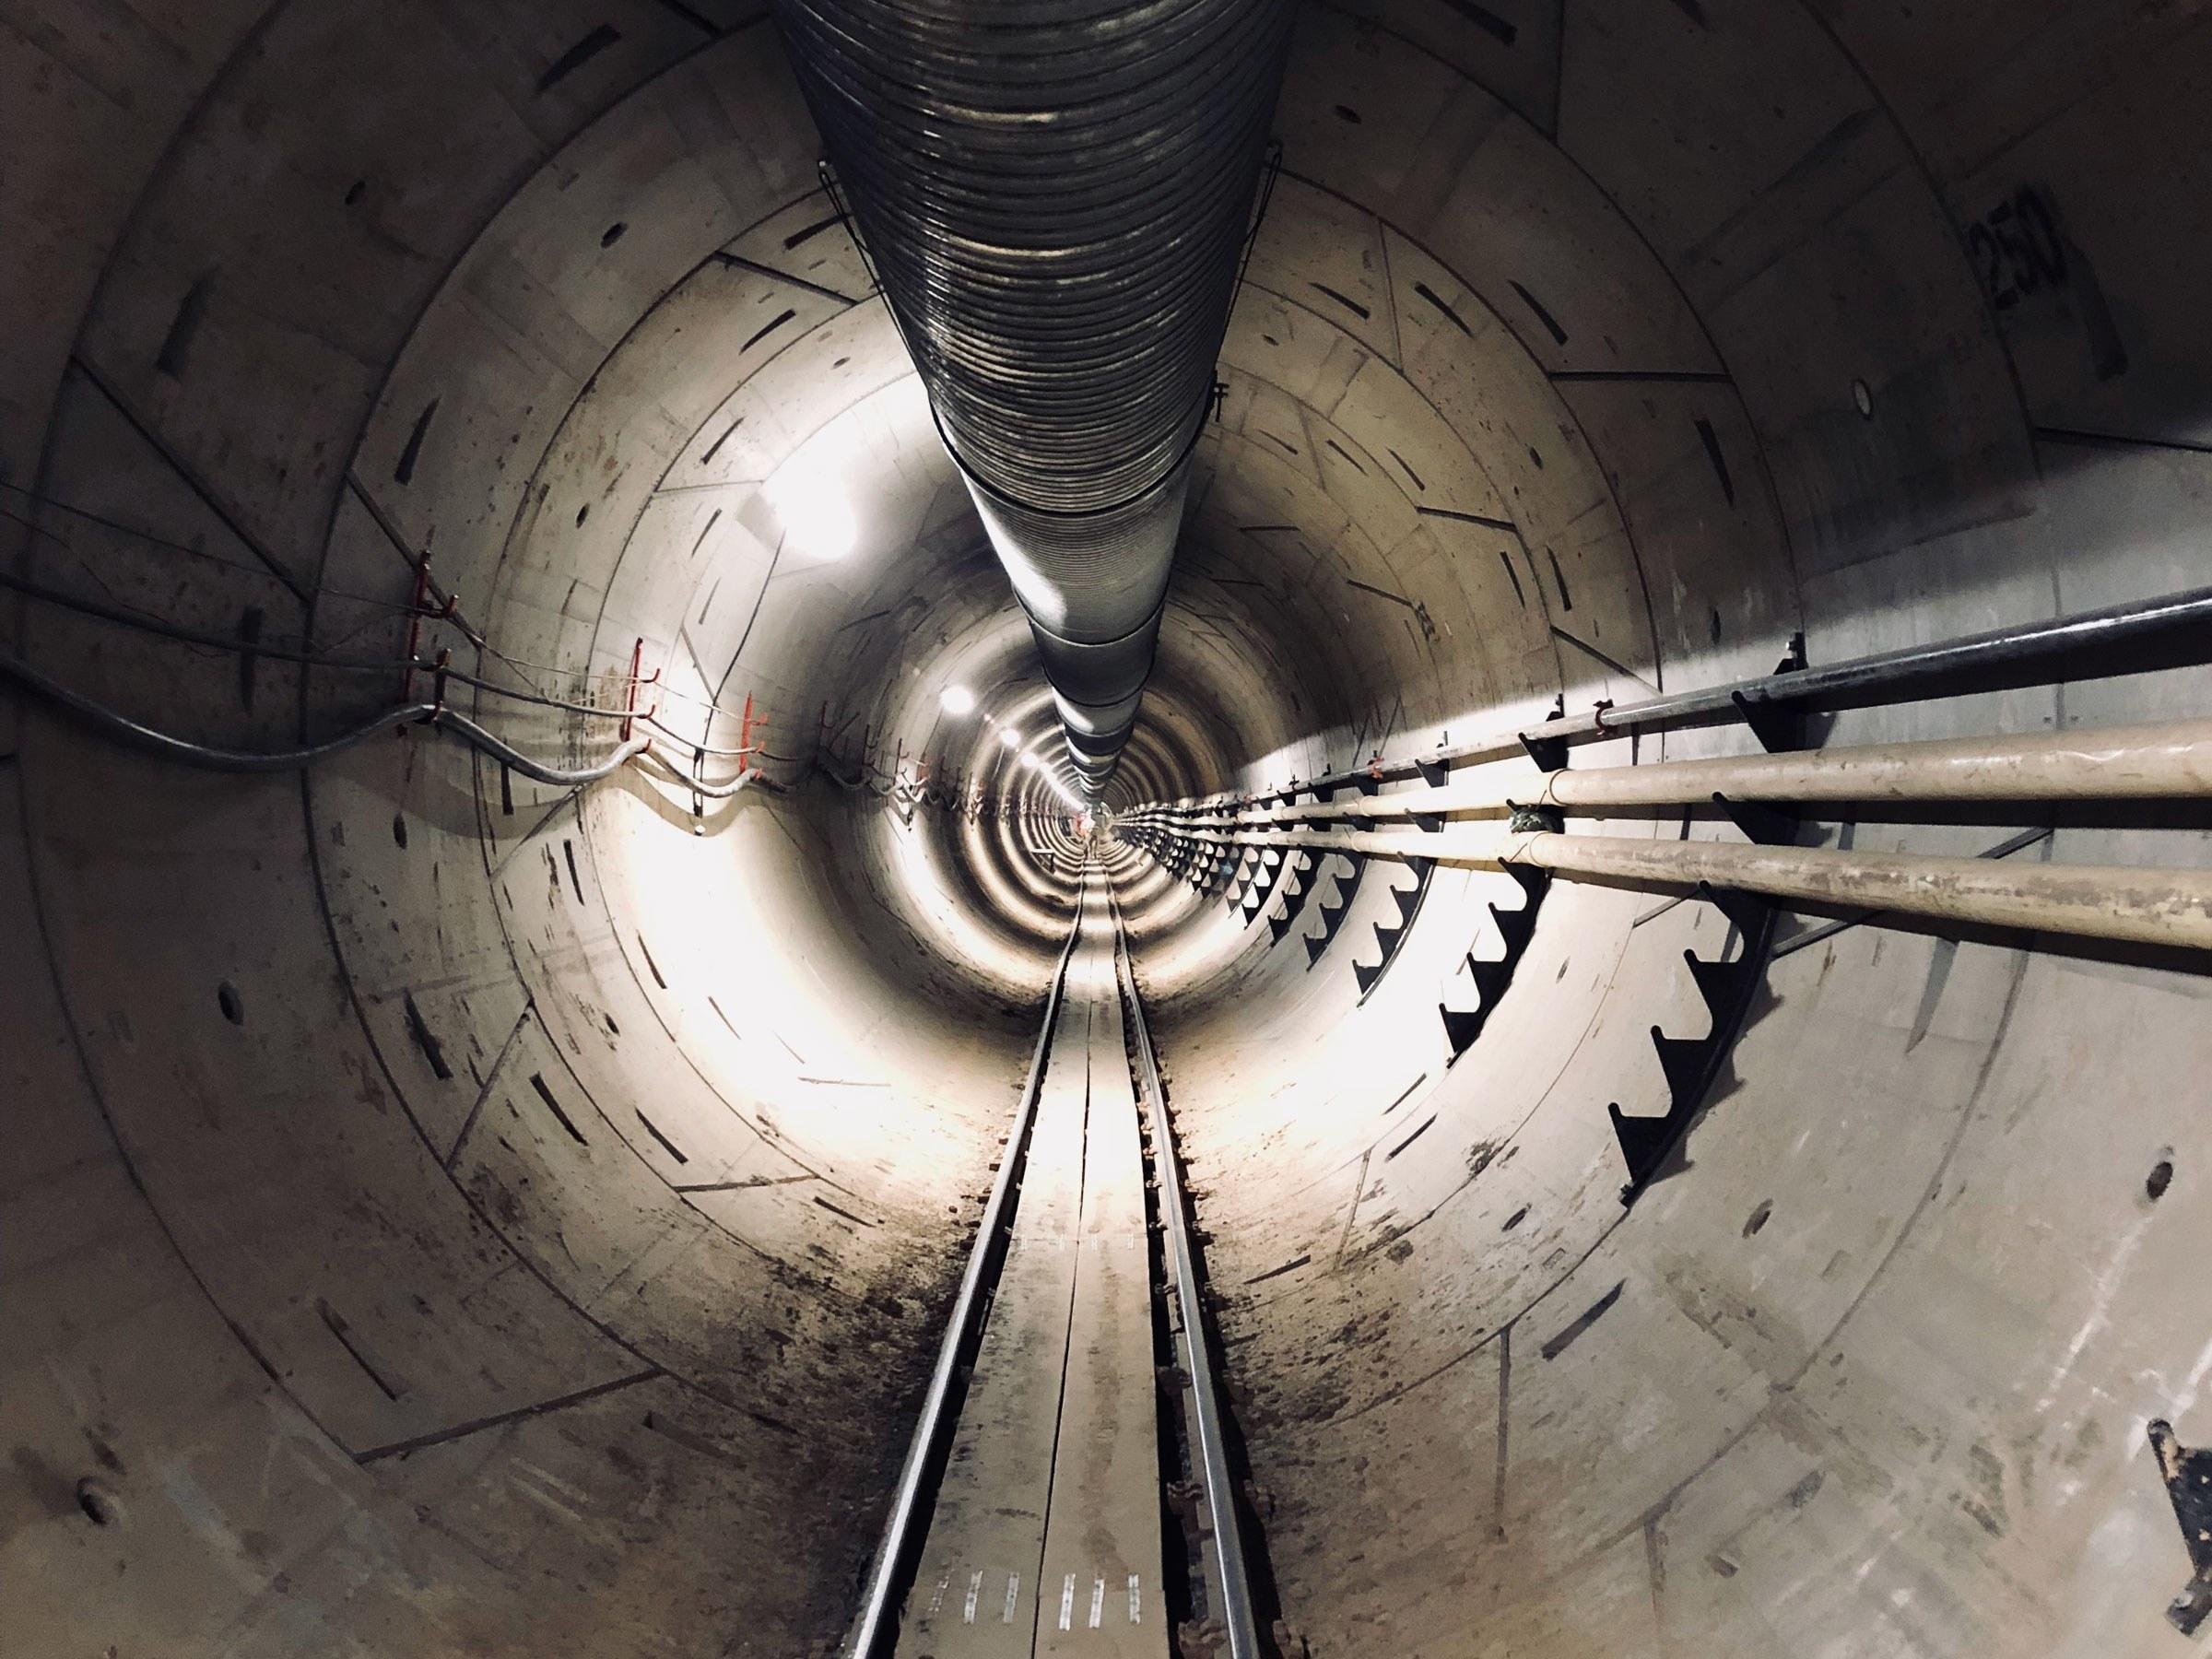 Компания Илона Маска отказалась от планов по прокладке тоннеля под Лос-Анджелесом